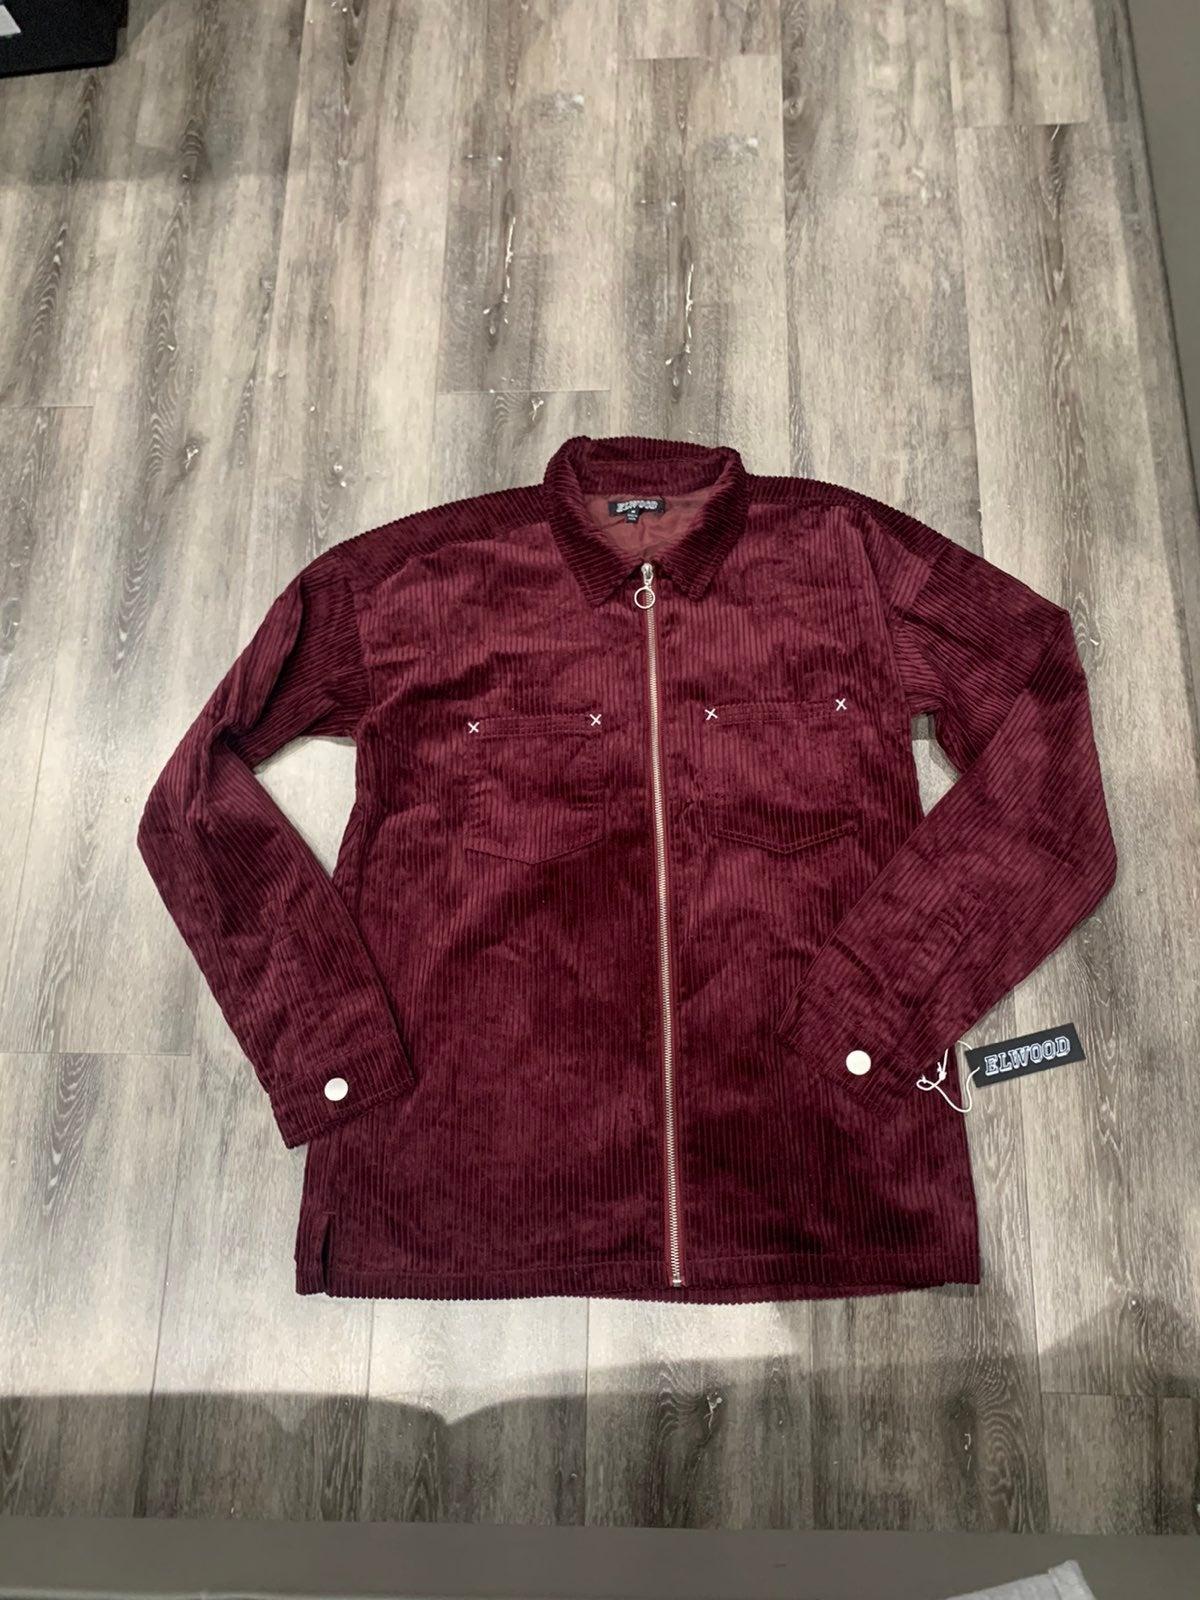 New elwood velvet jacket